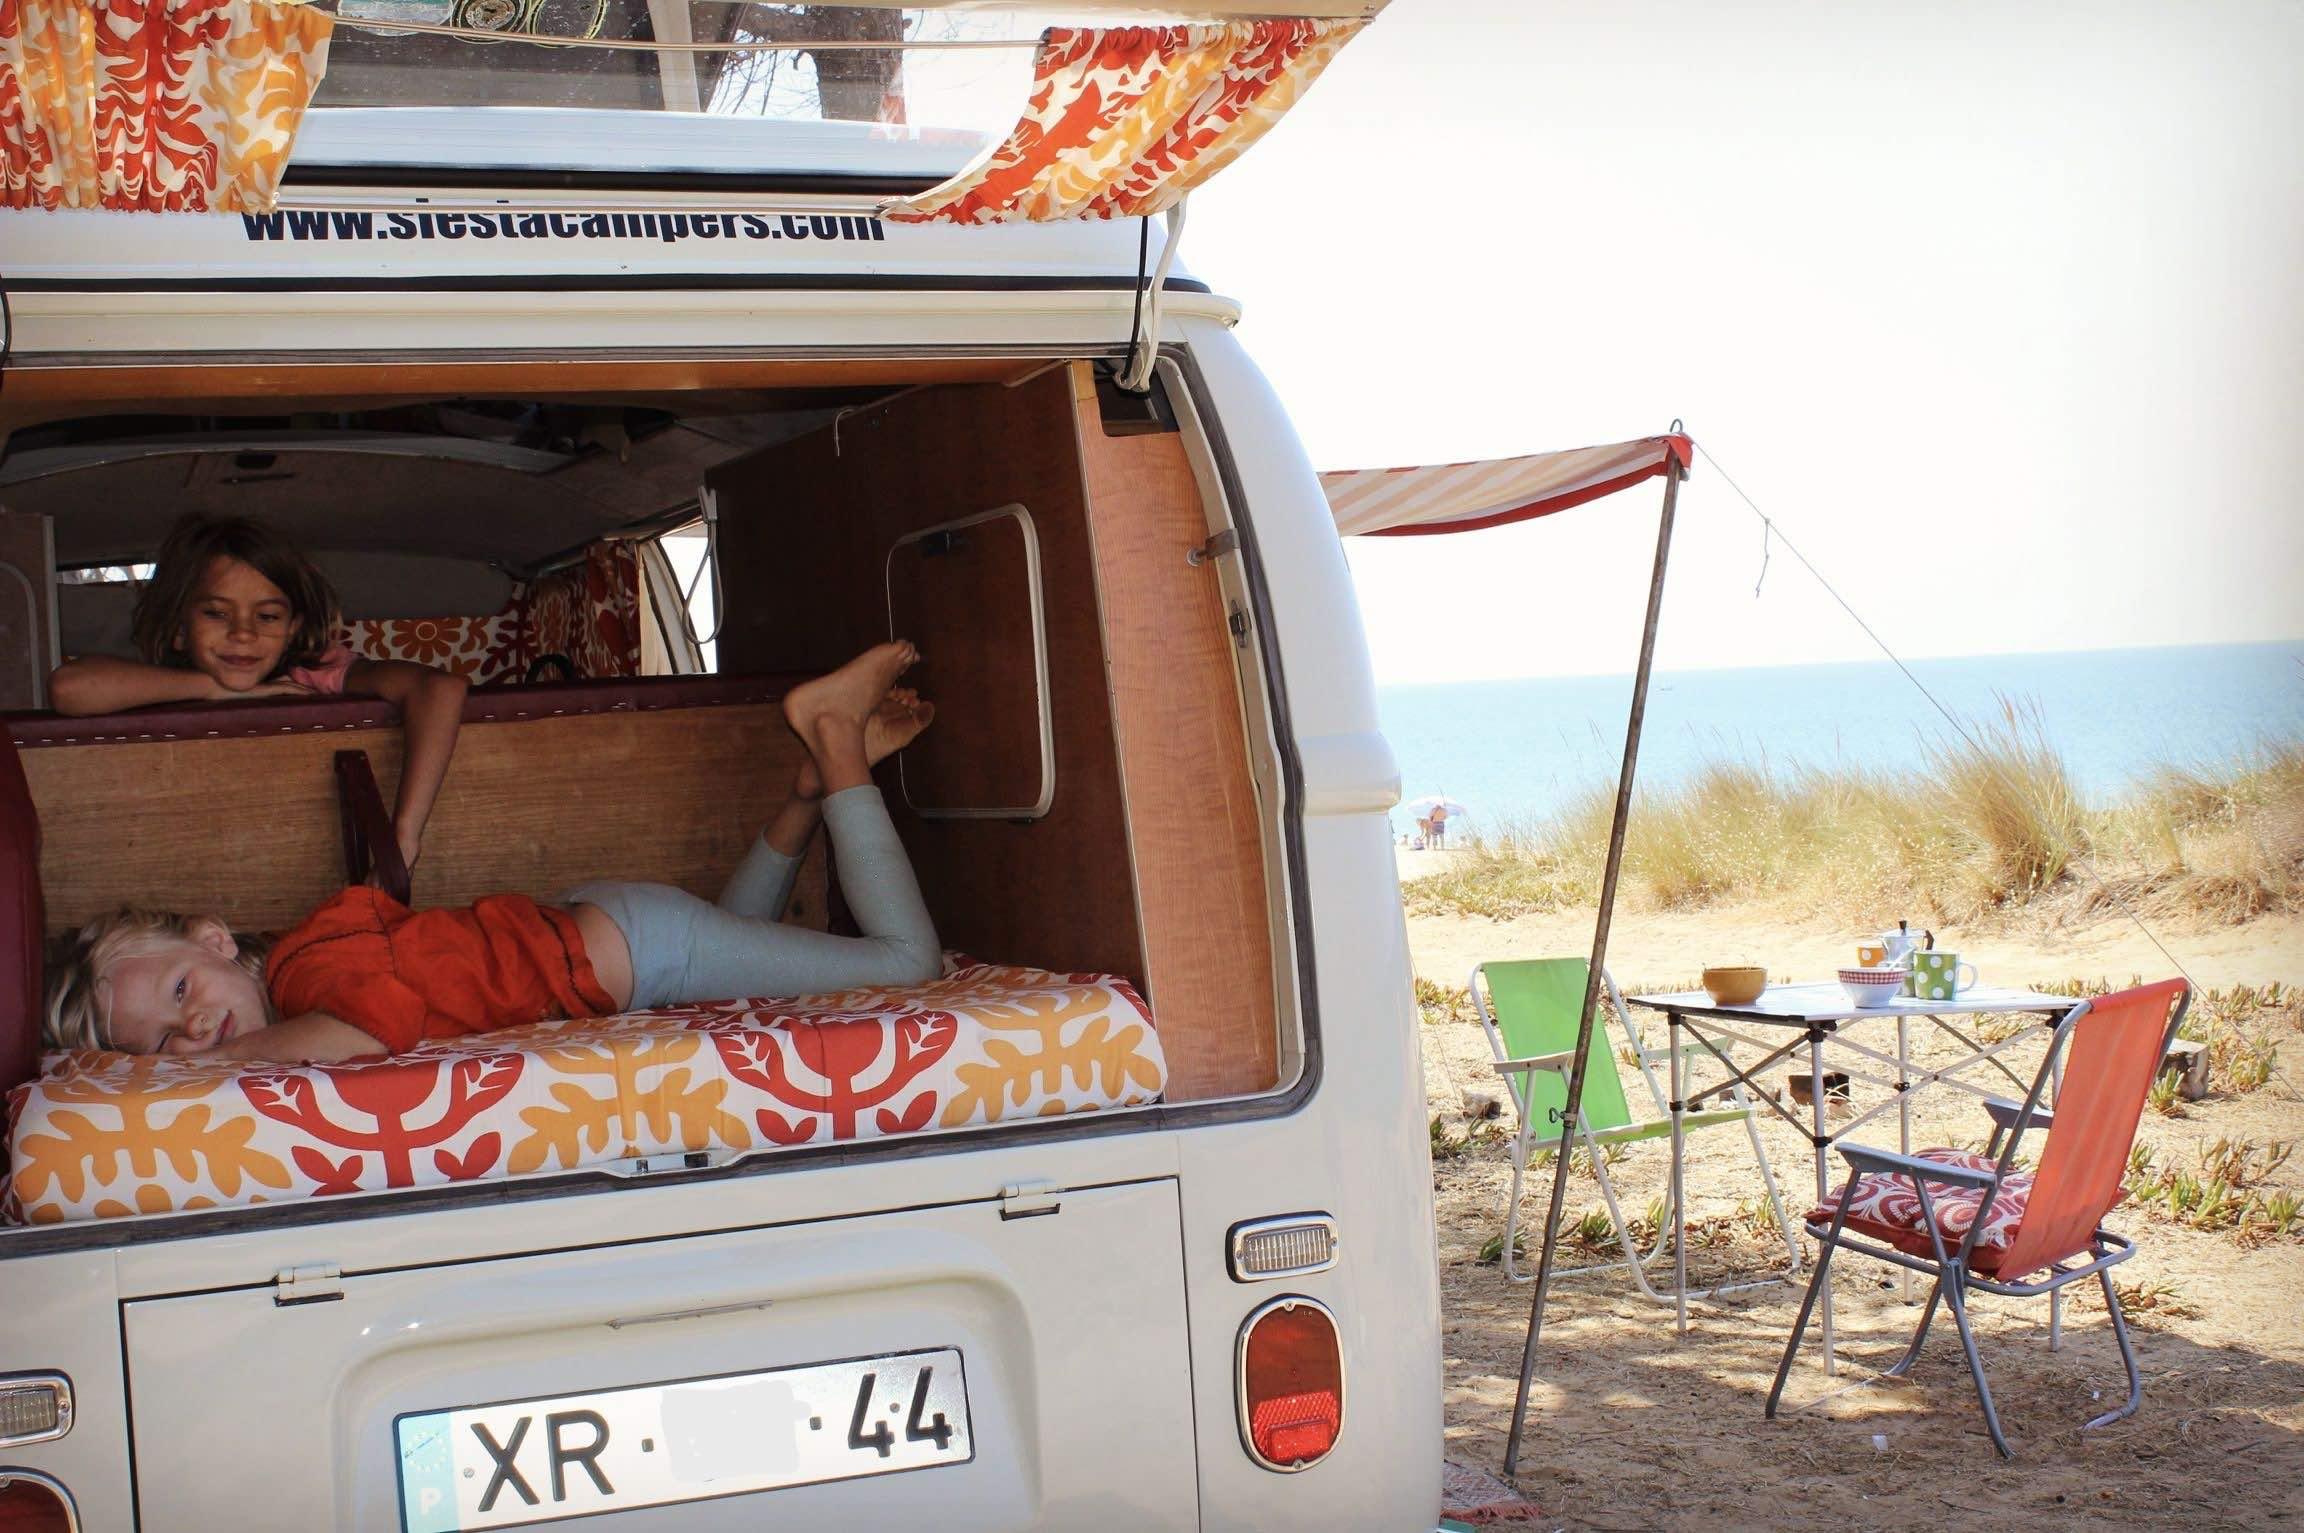 Niños disfrutando de un ritmo lento de vida en una furgoneta antigua.